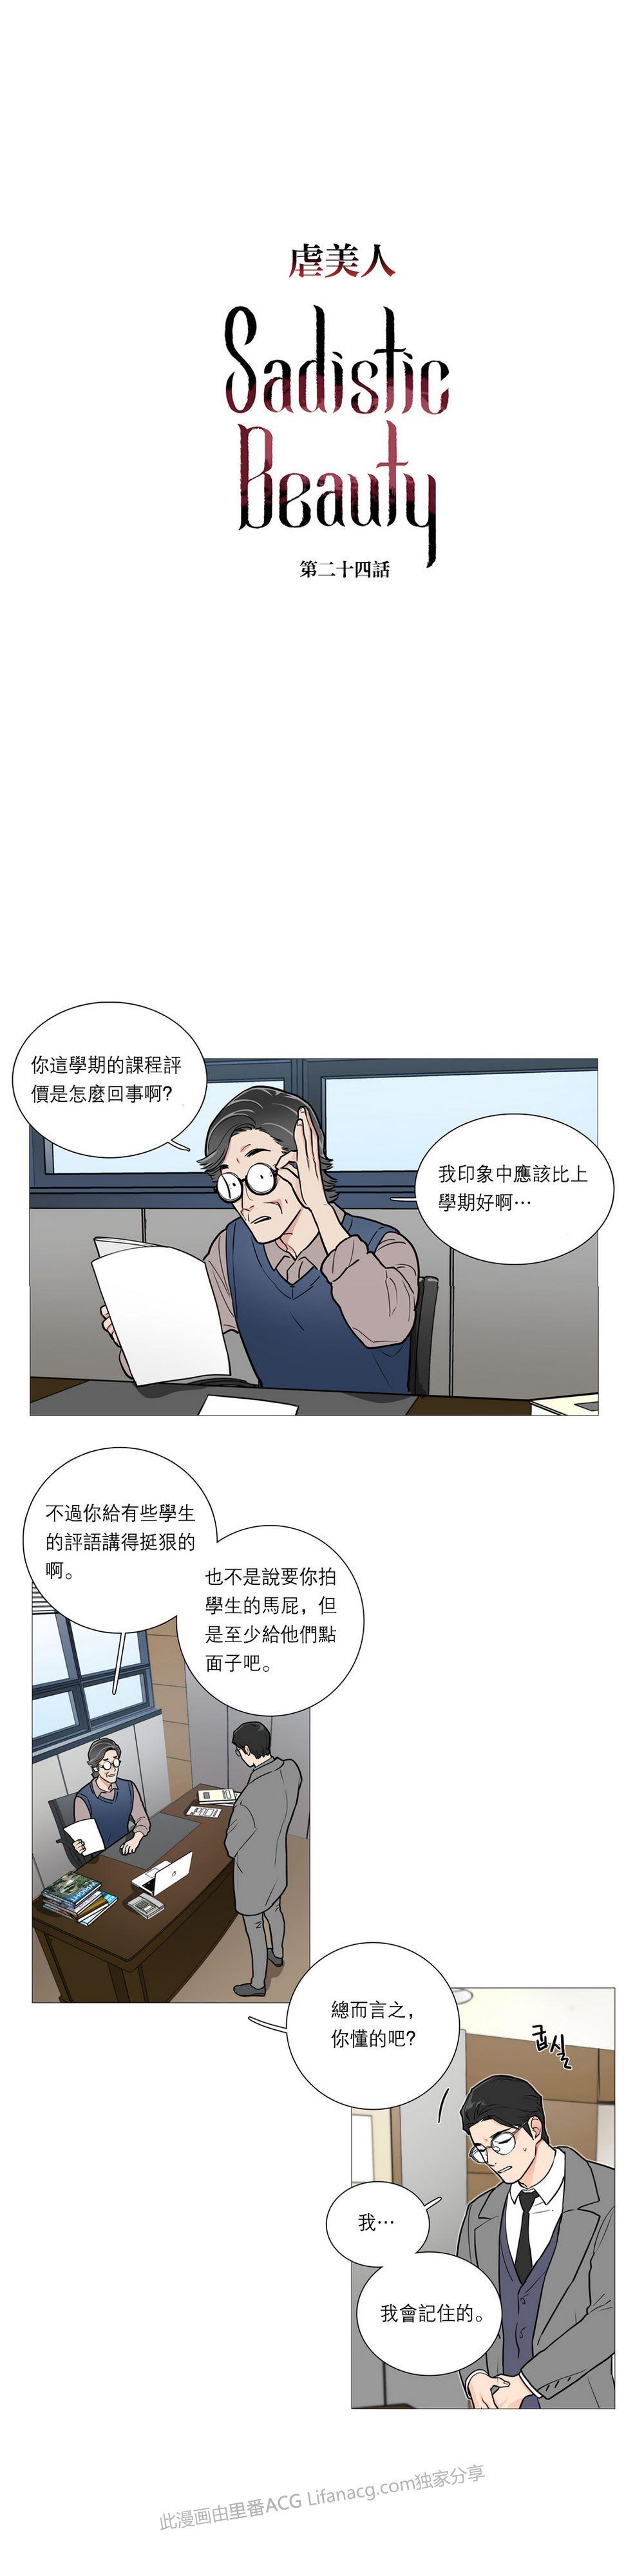 里番ACG - lfa.25kkm.com